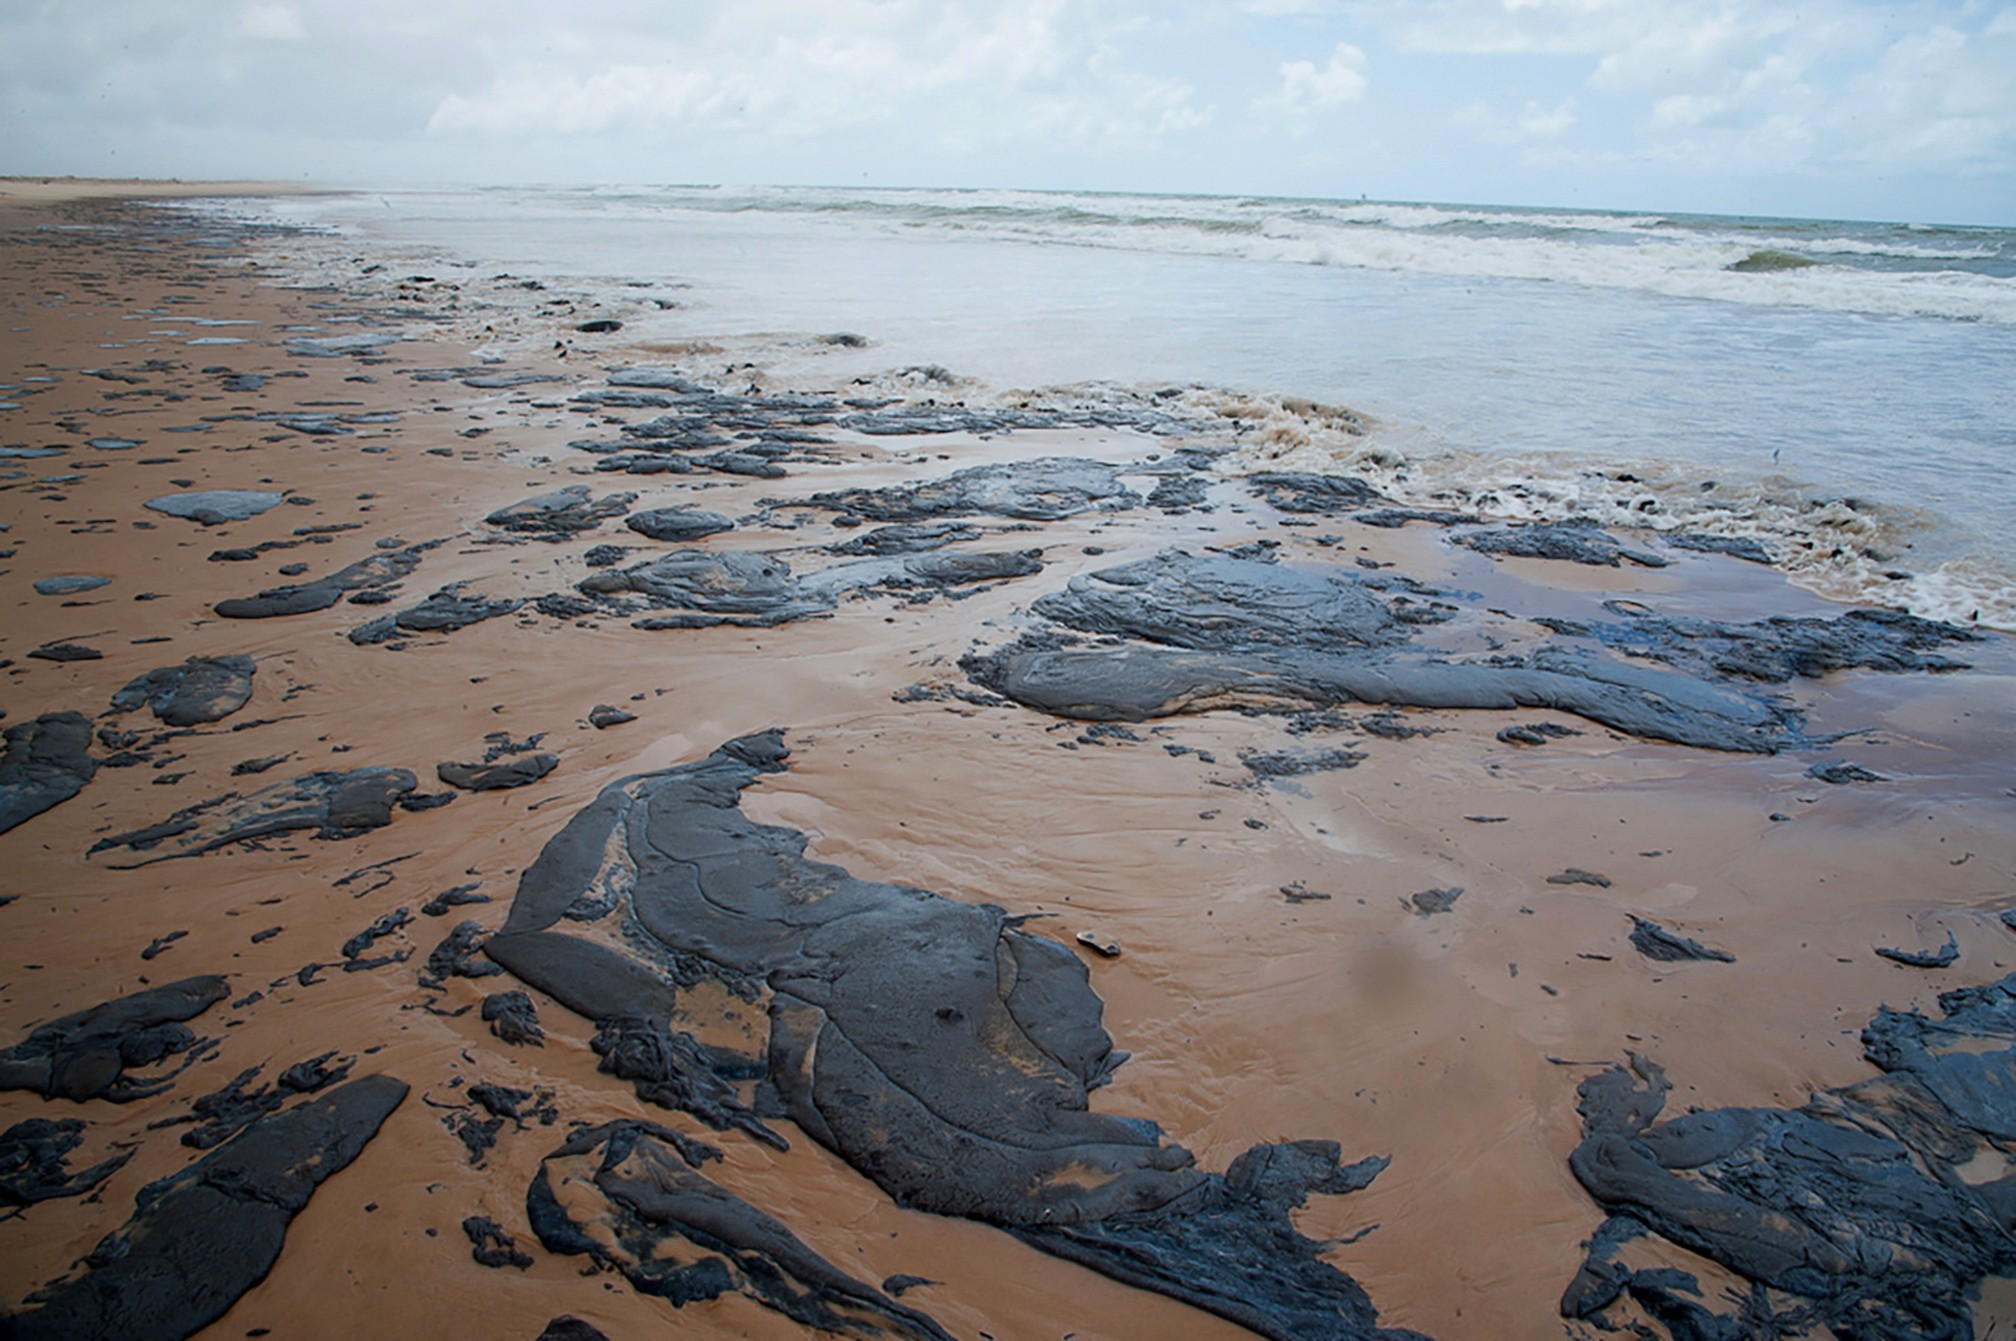 25 de setembro - Manchas de óleo são vistas em uma praia de Sergipe — Foto: Governo de Sergipe via AFP